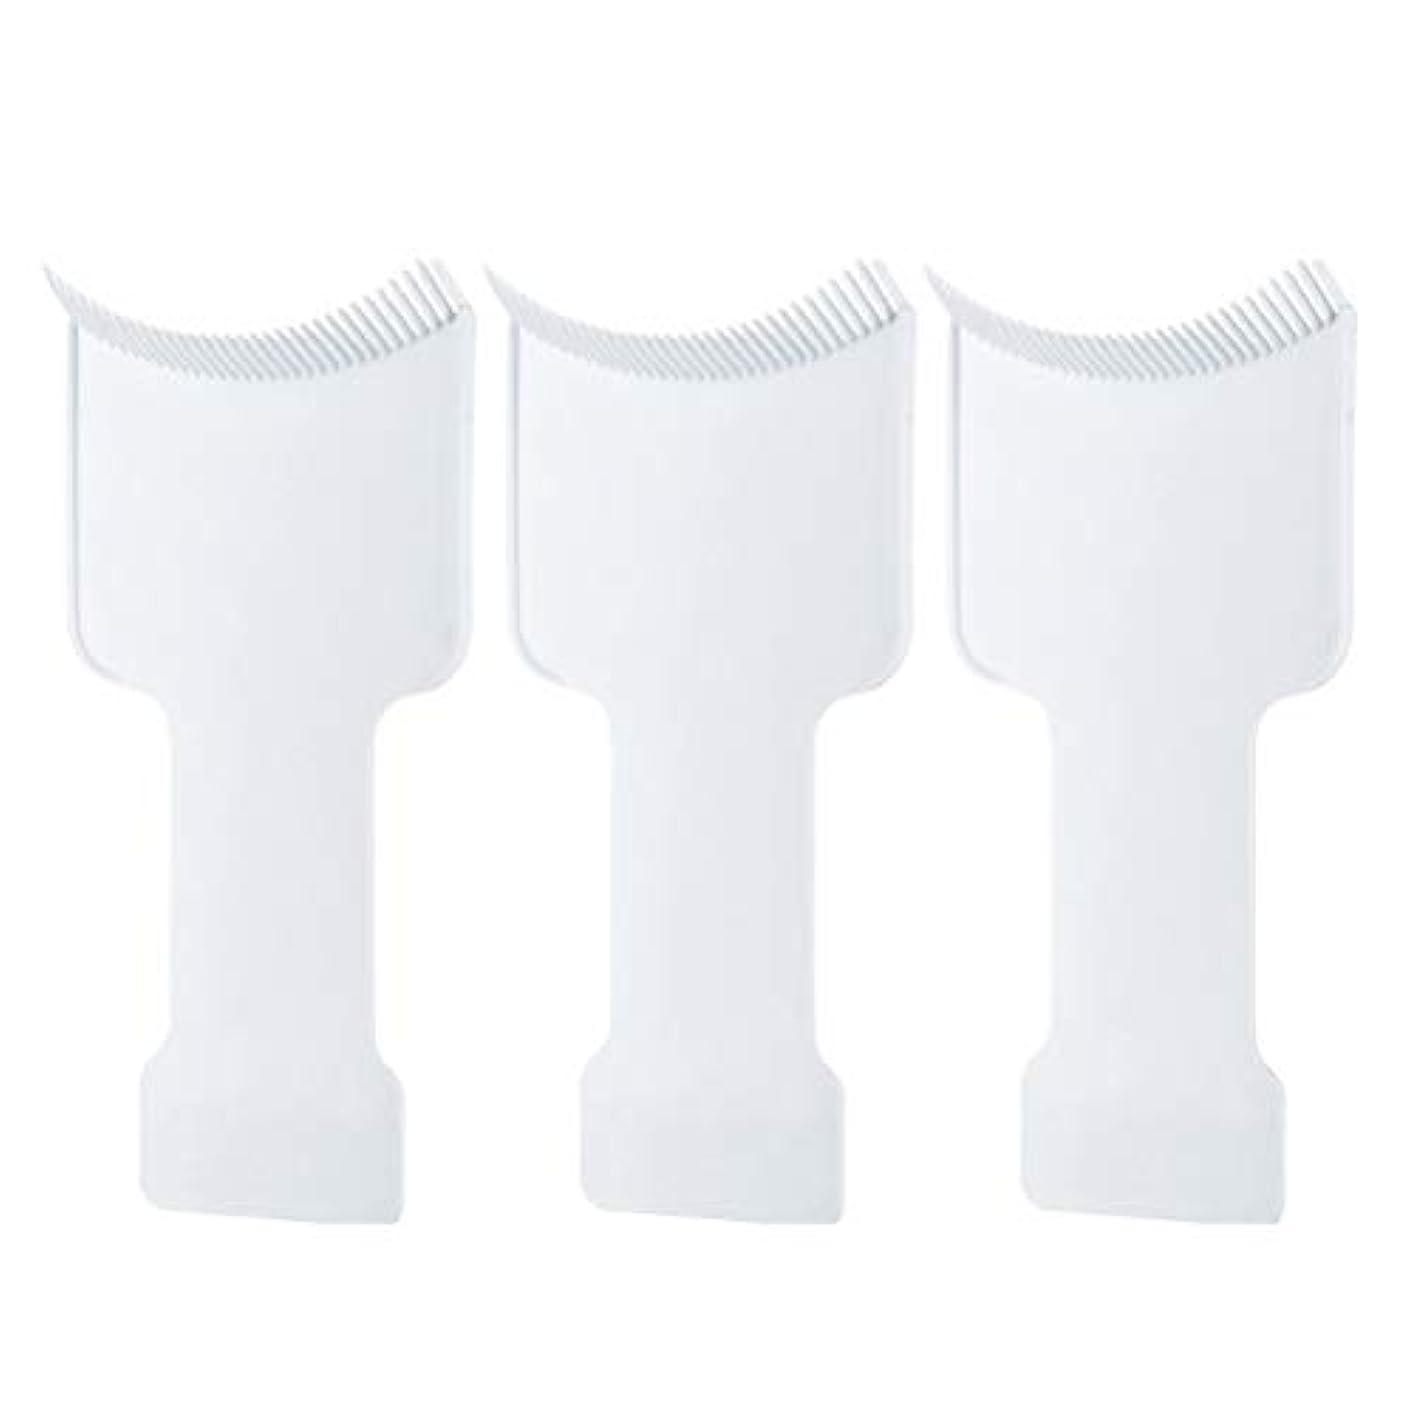 クリックカフェ恨みFrcolor ヘアダイブラシ ヘアダイコーム ヘアカラー 毛染め ヘアスタイリング 家庭用 美容師プロ用 プラスチック製 3点セット(ホワイト)